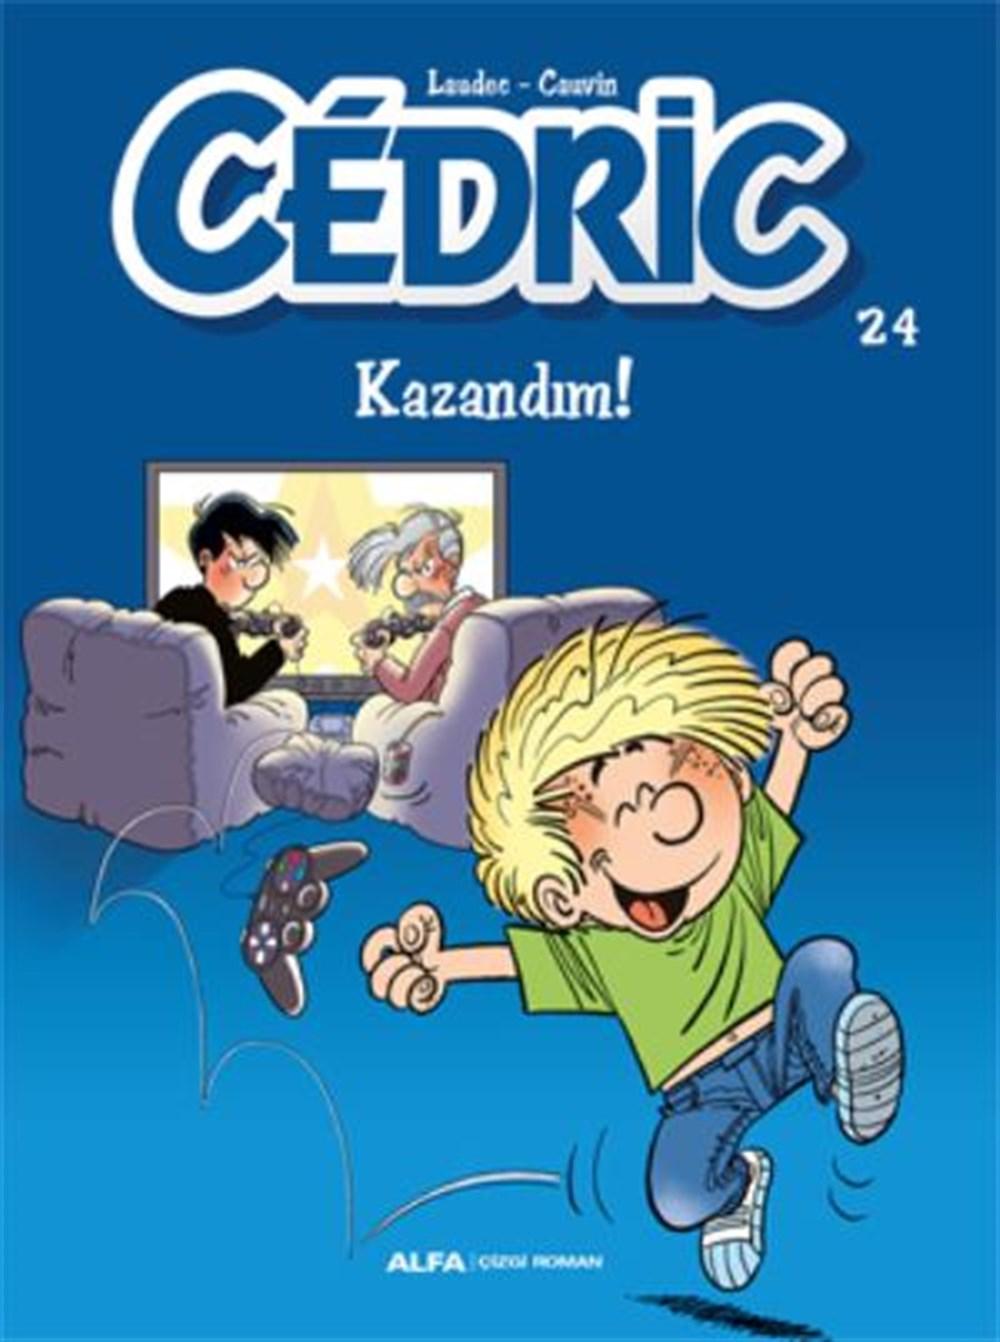 Cedric 24 - Kazandım